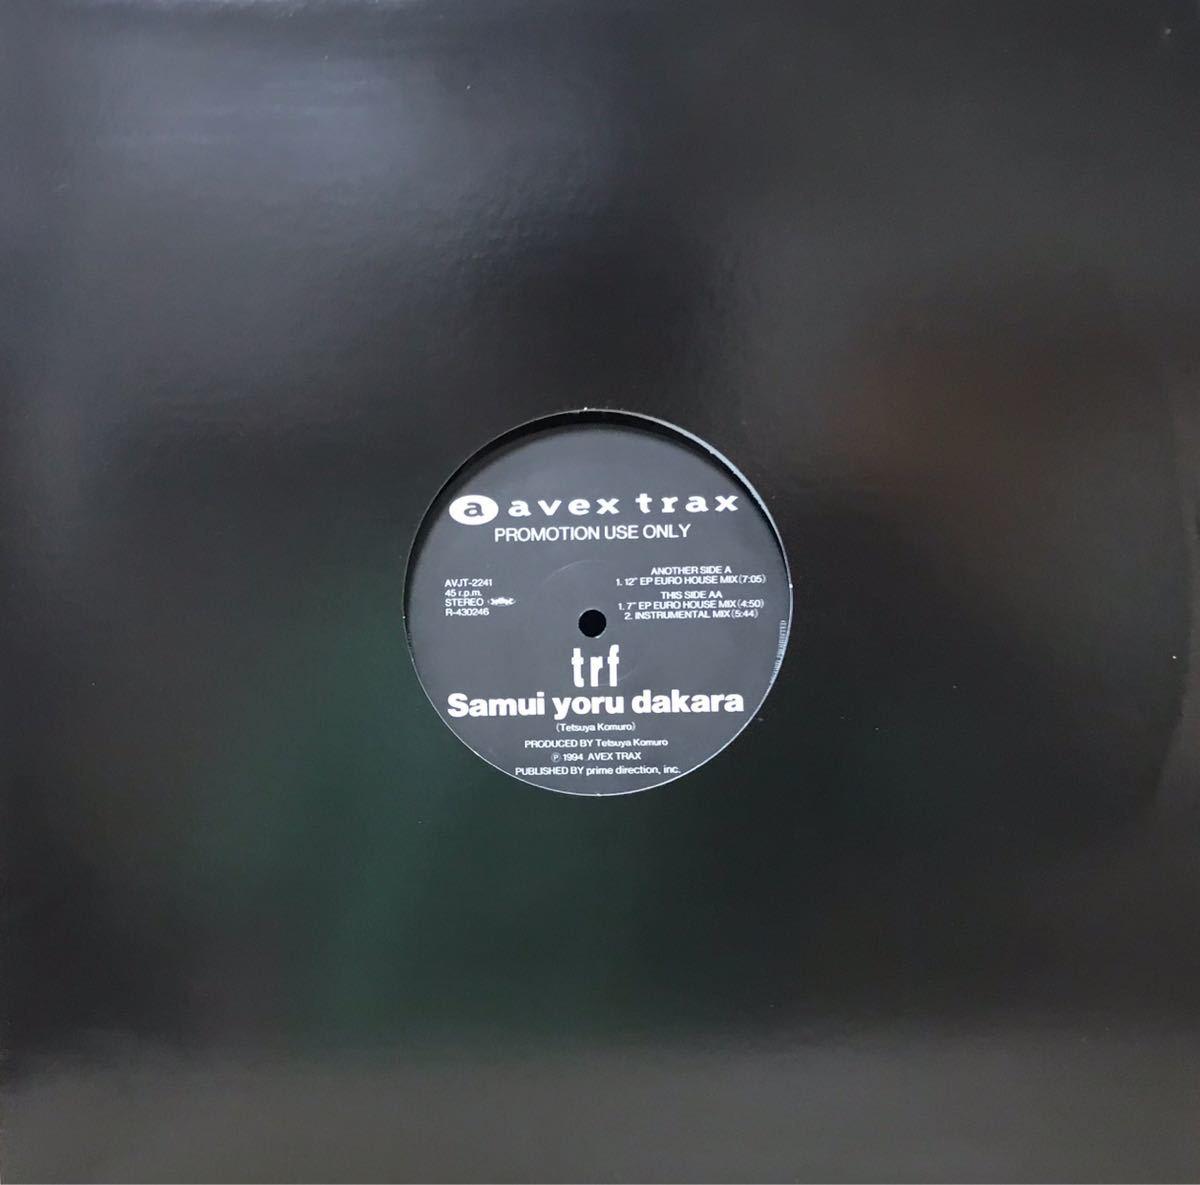 プロモ盤 trf TRF / 寒い夜だから12inchレコード その他にもプロモーション盤 レア盤 人気レコード 多数出品中_画像3